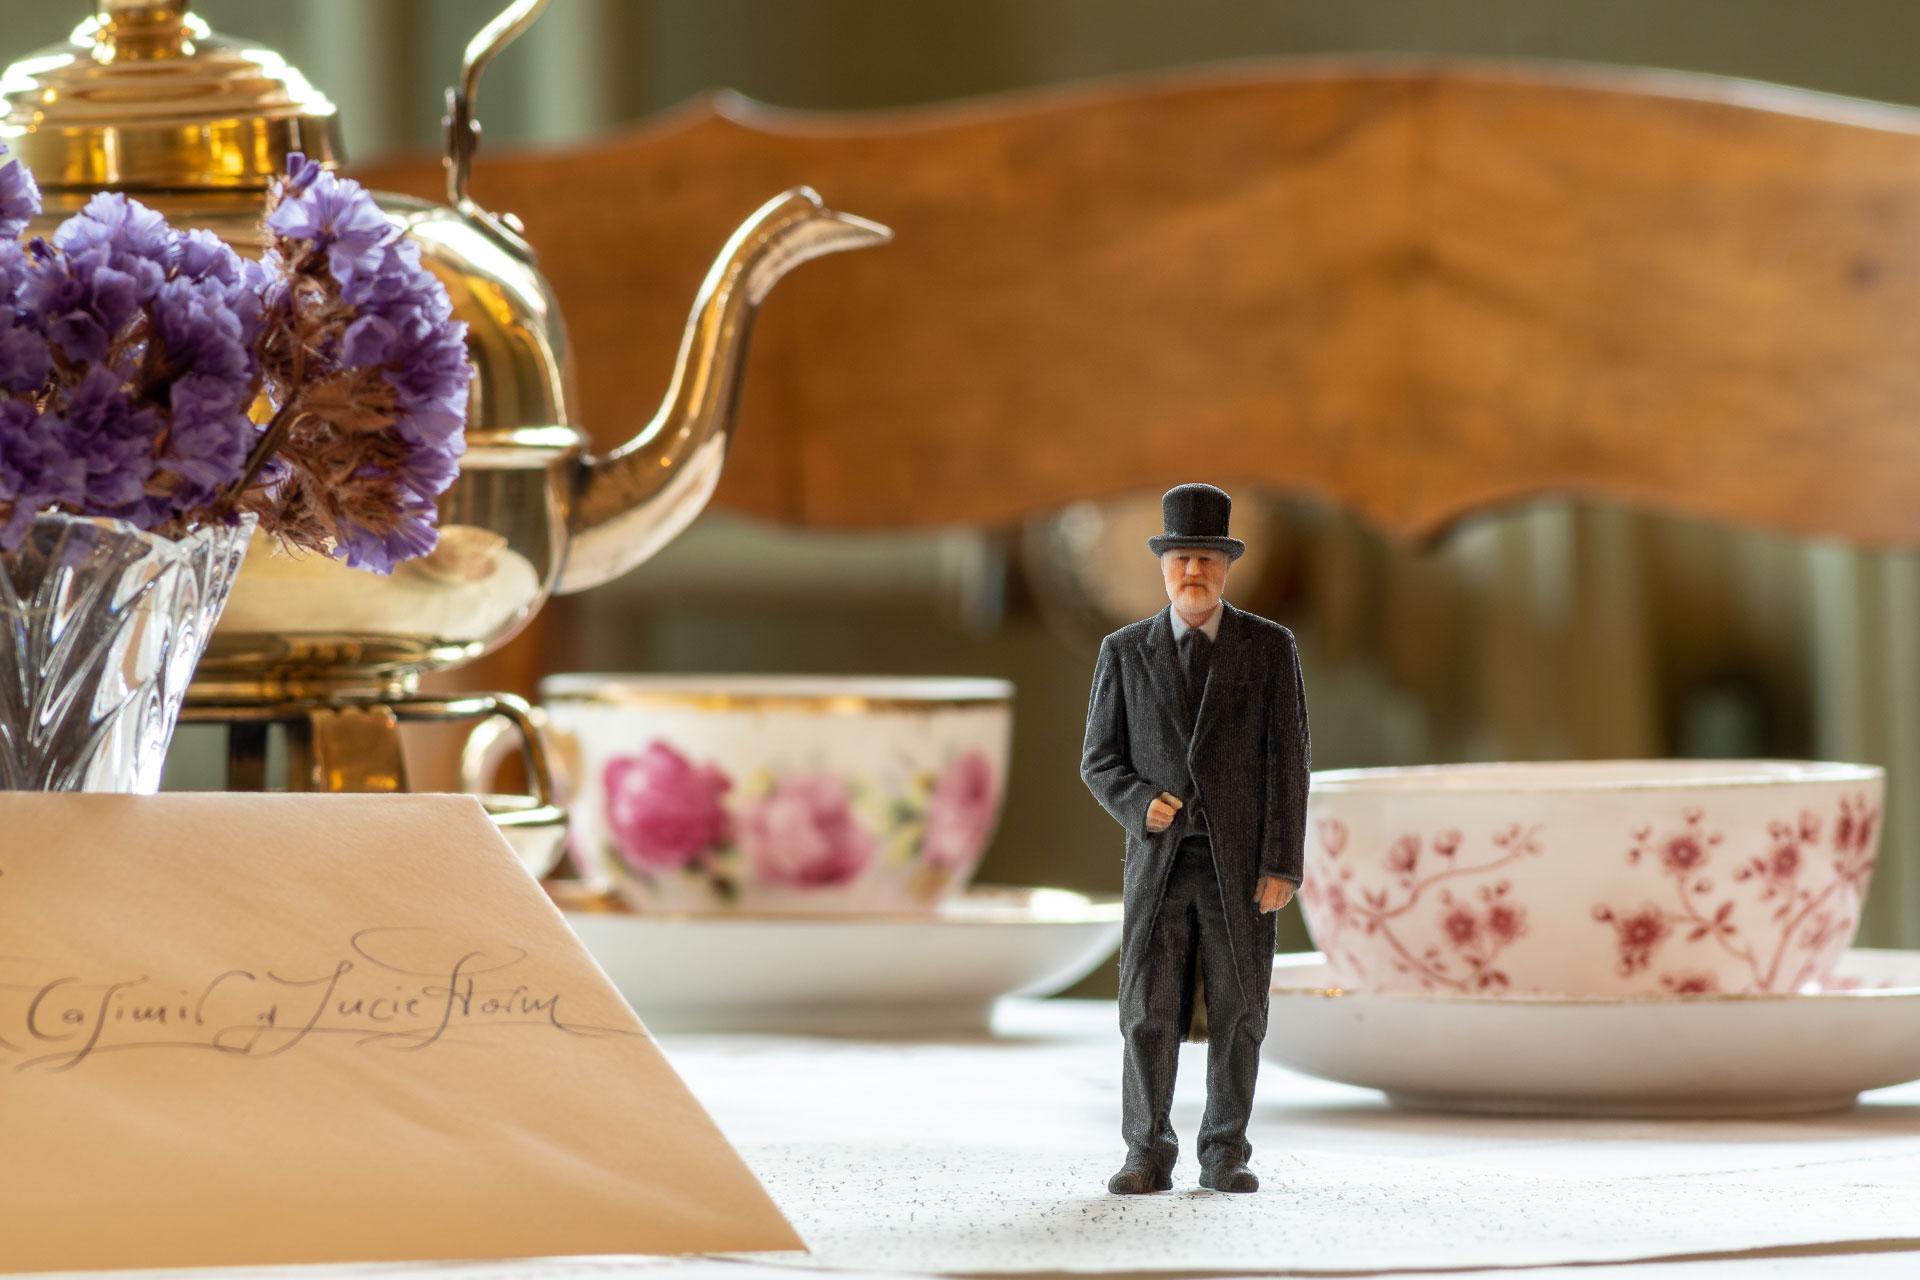 Um 16 Uhr zum Tee bei Theodor Storm